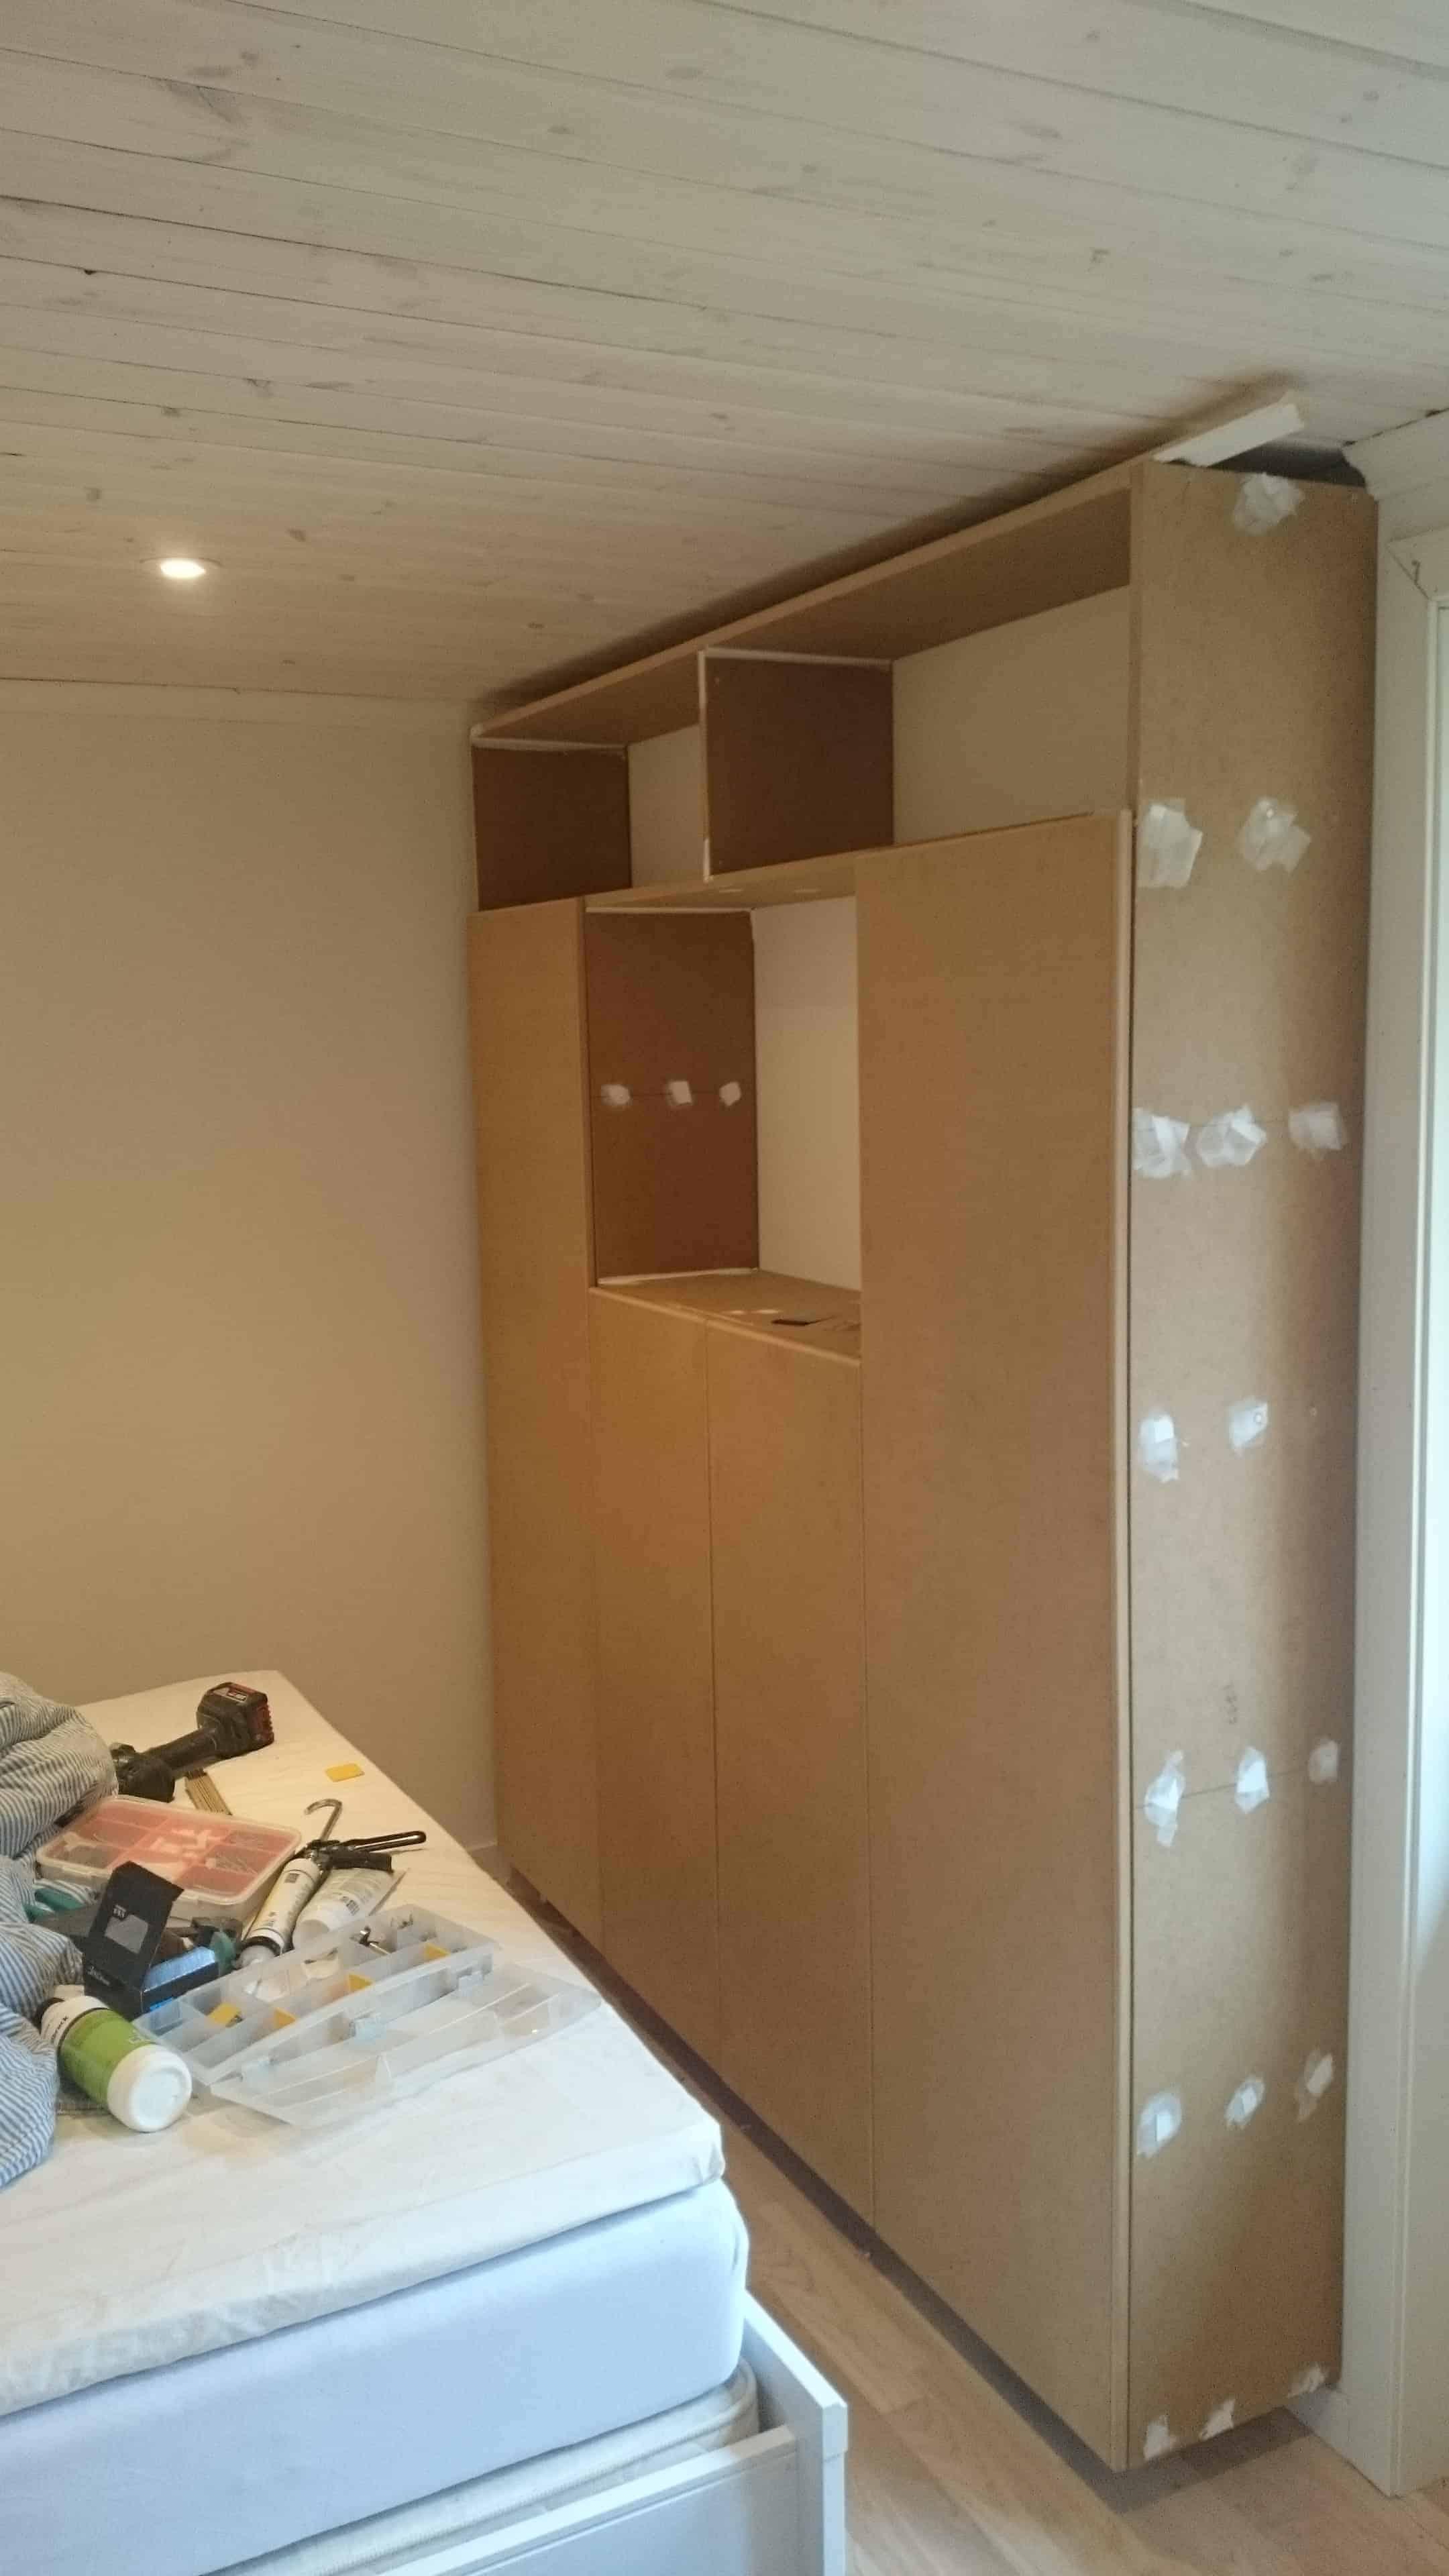 """Referensjobb """"Platsbyggd garderob med plats för tv och stereosystem  och bokhylla på övervåningen """" utfört av Aspviksbygg Entreprenad Handelsbolag"""